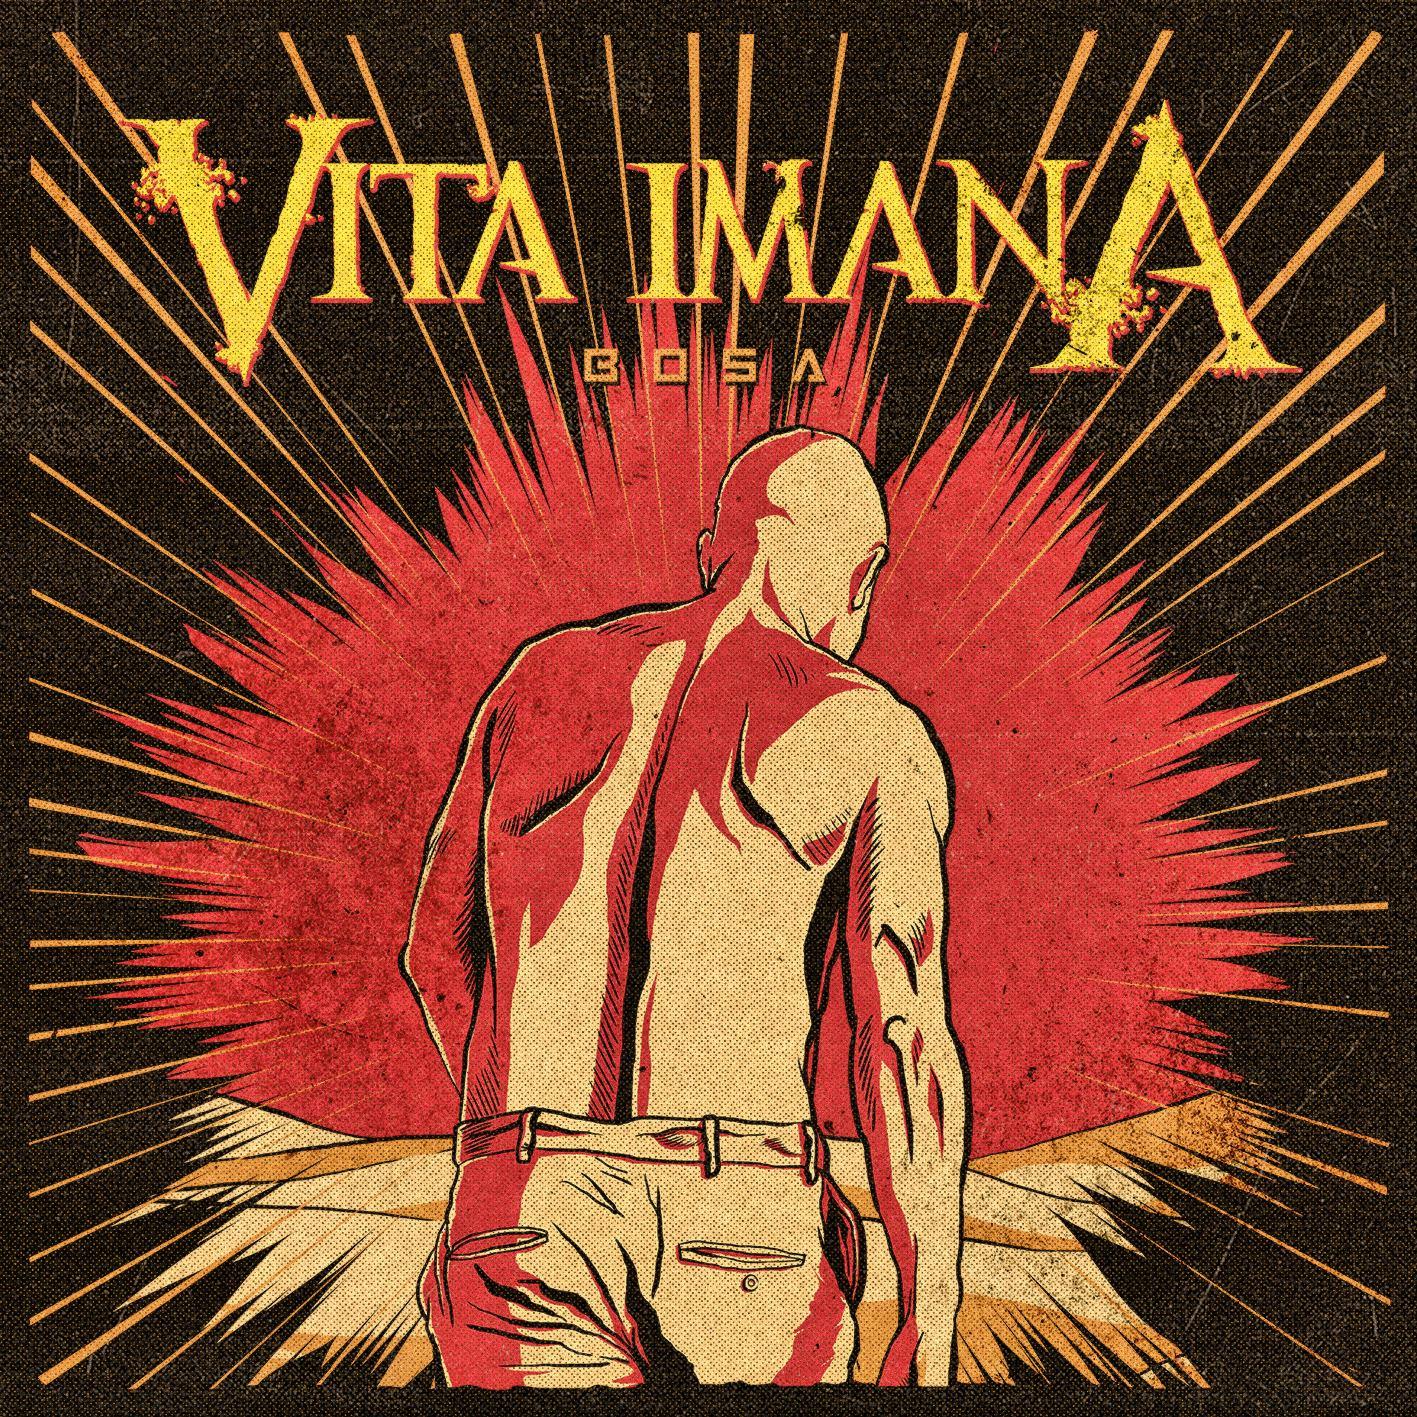 VITA IMANA confirman portada, título y fecha de lanzamiento de su nuevo disco